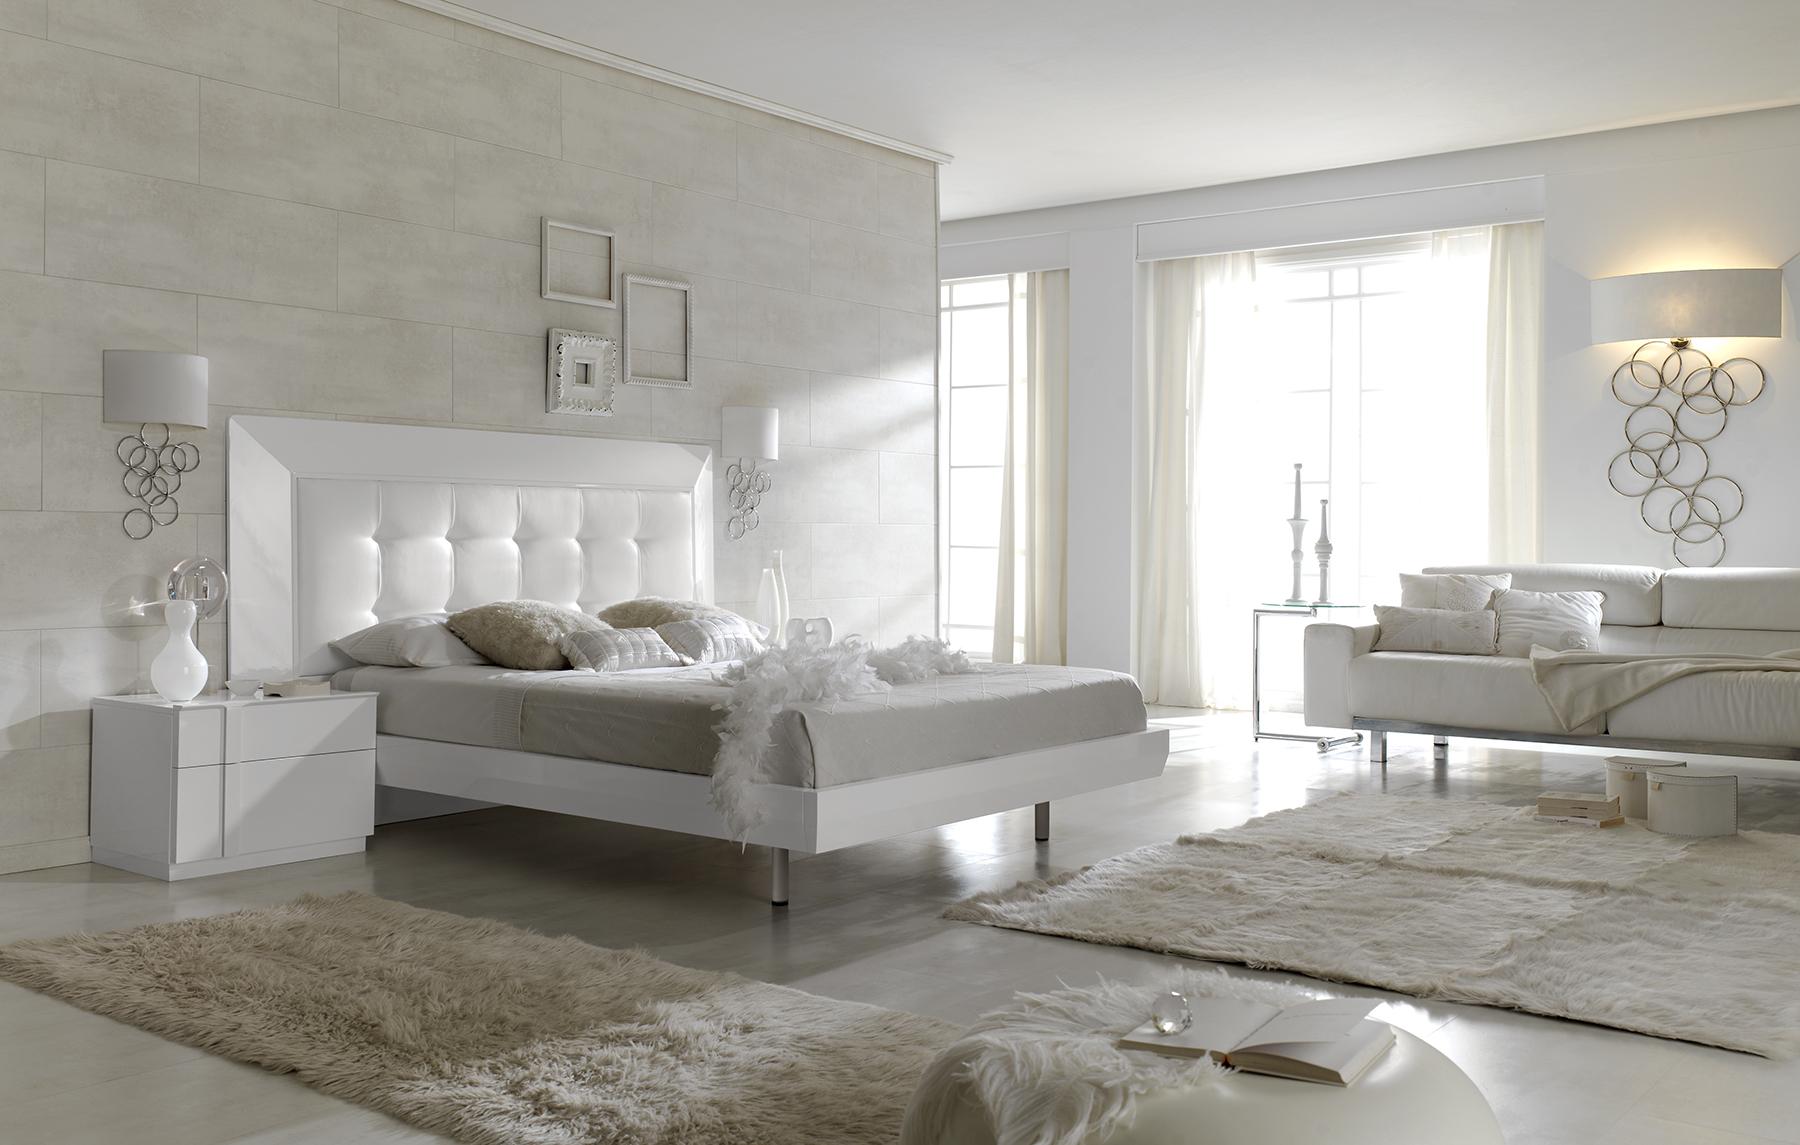 Good Modern Platform Beds, Master Bedroom Furniture